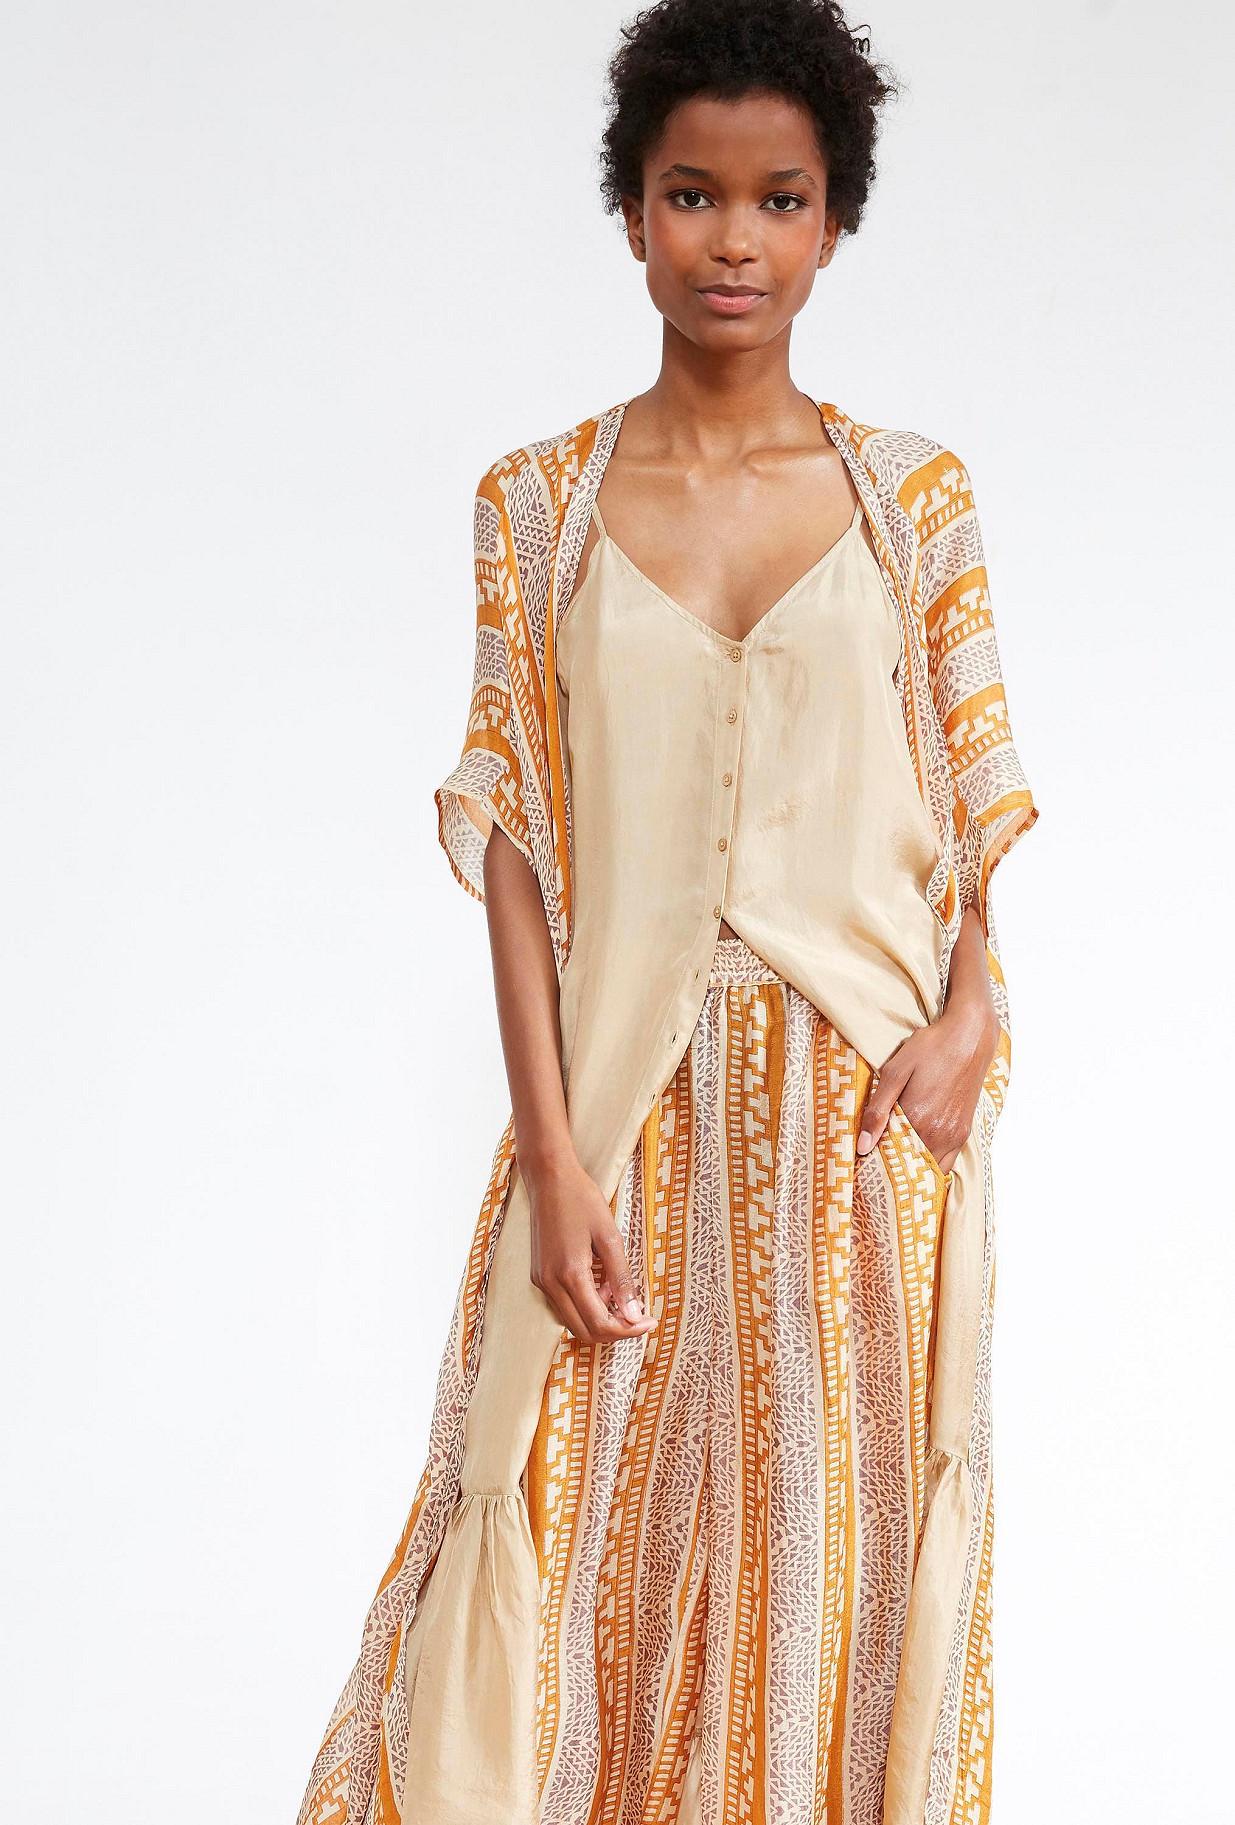 KIMONO Imprimé saphir  Swahili mes demoiselles paris vêtement femme paris